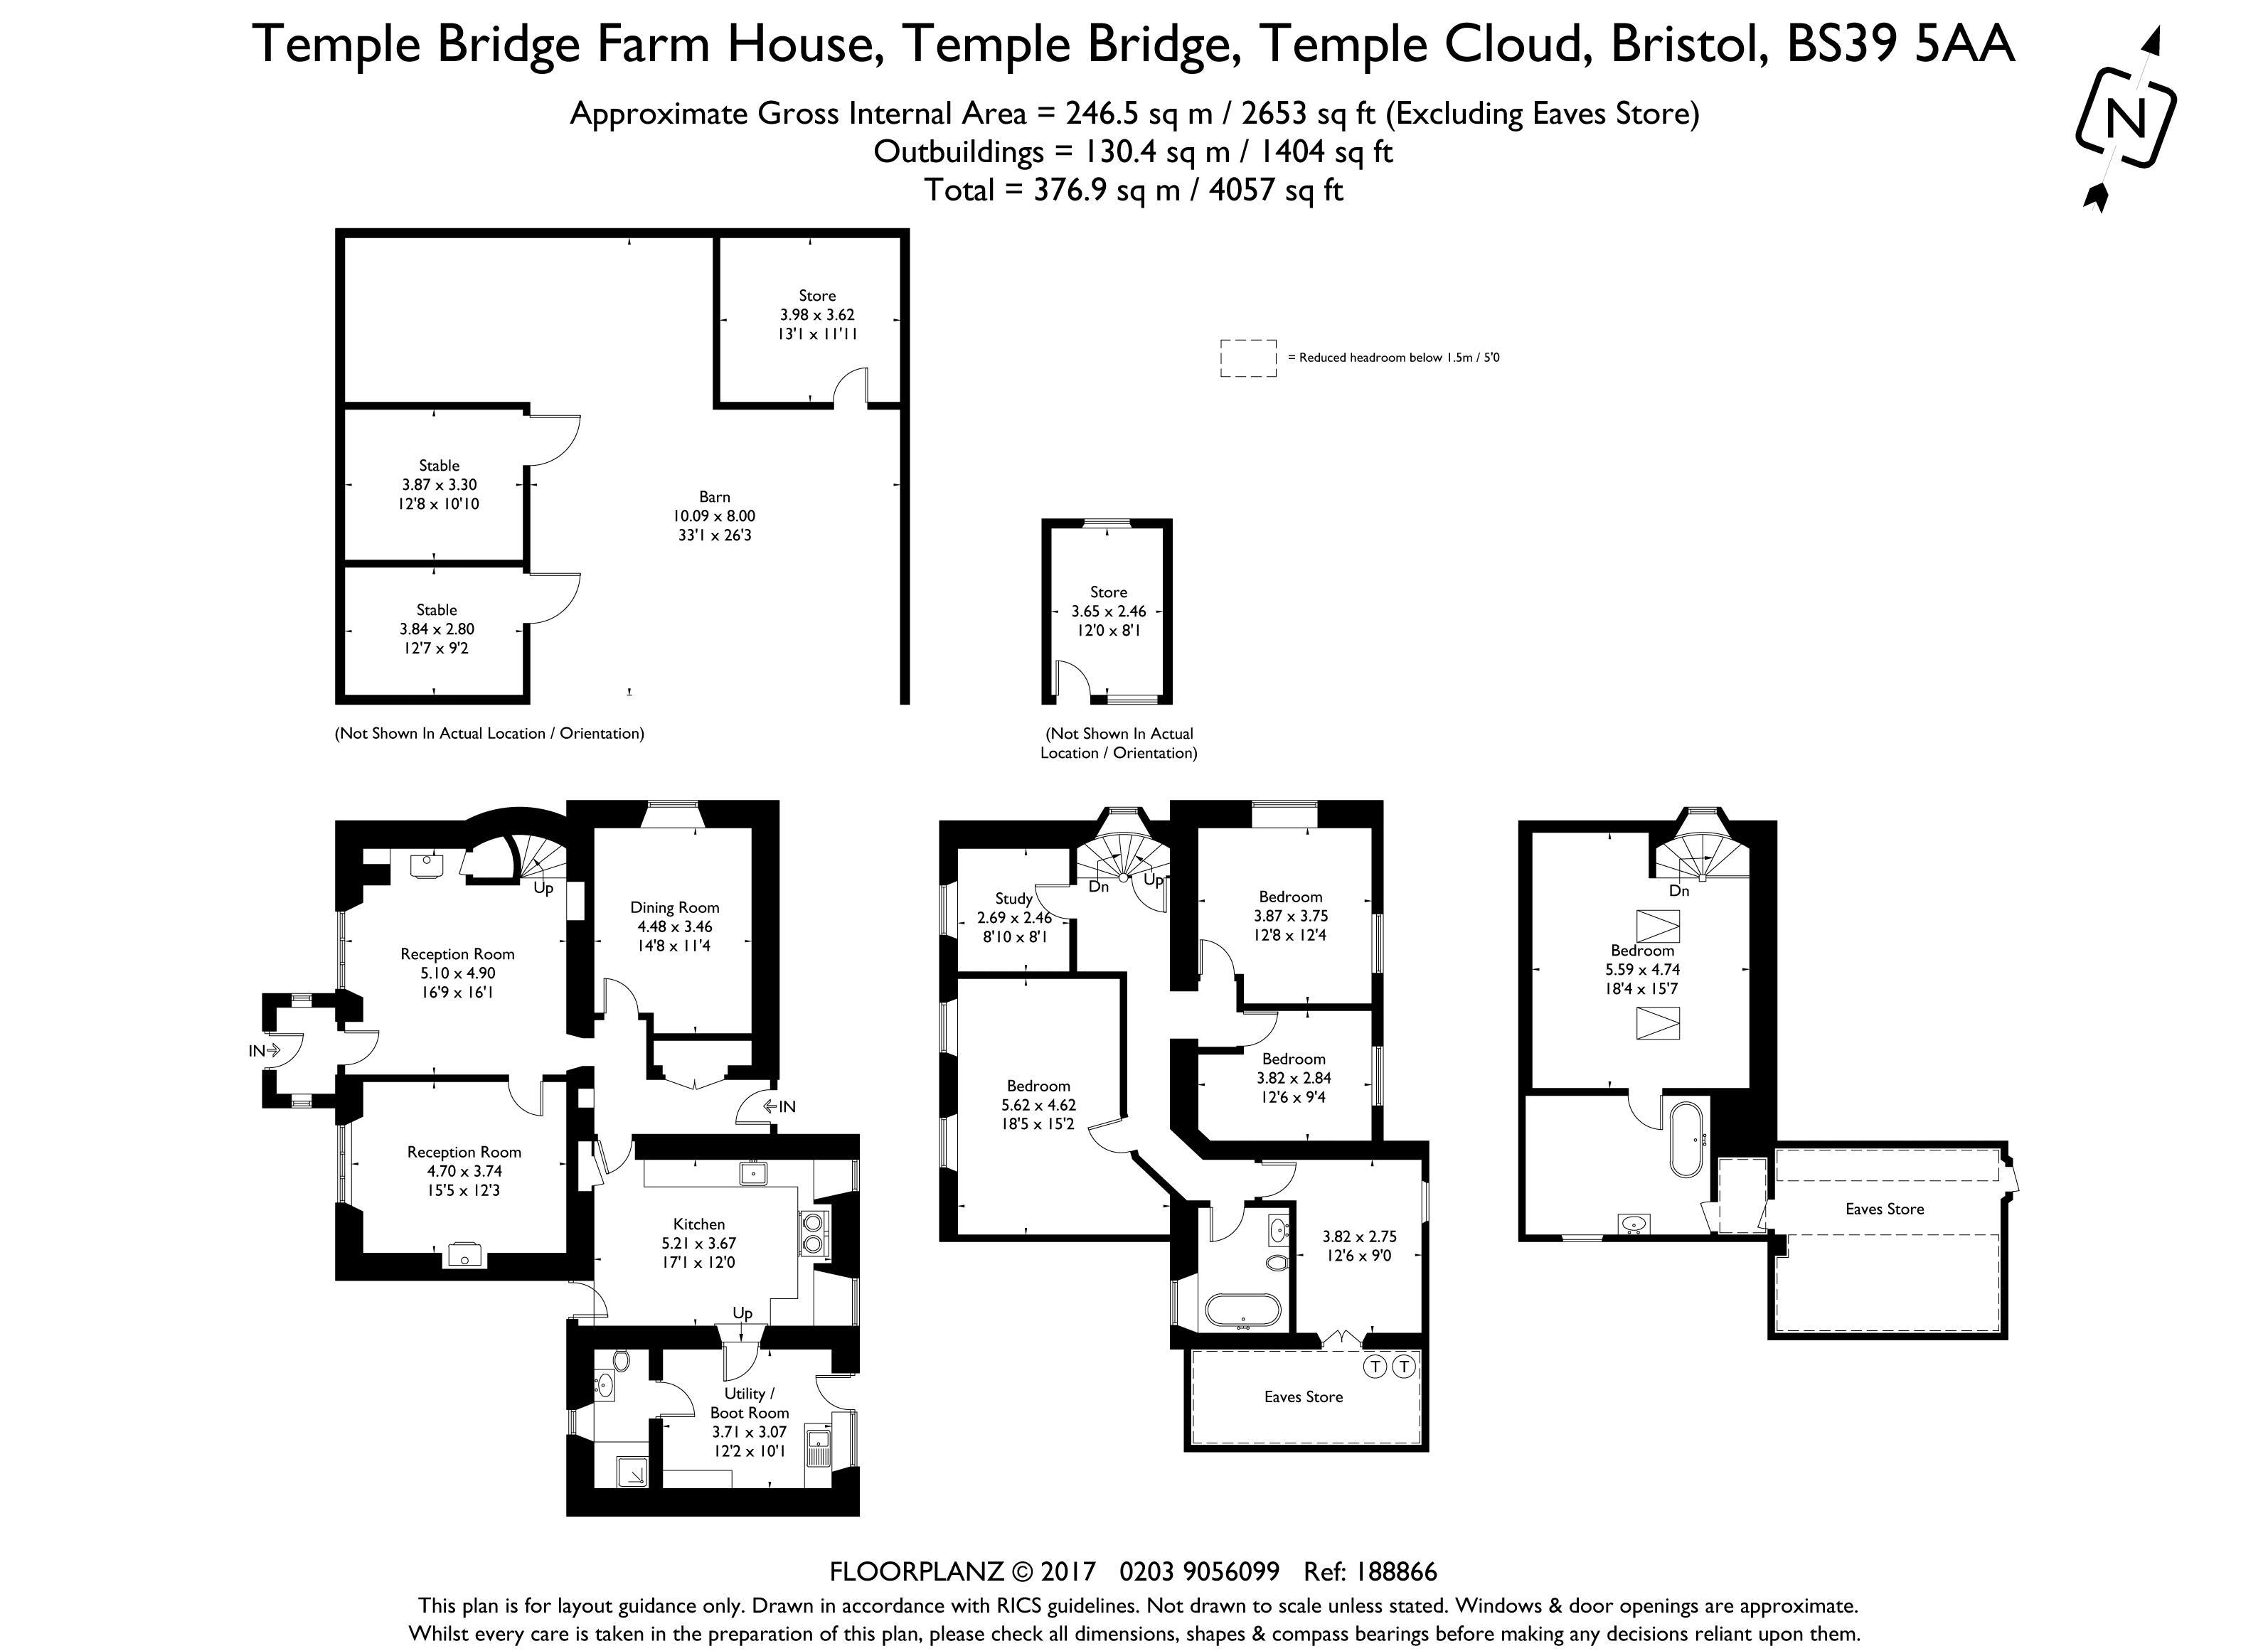 Temple Bridge Temple Cloud